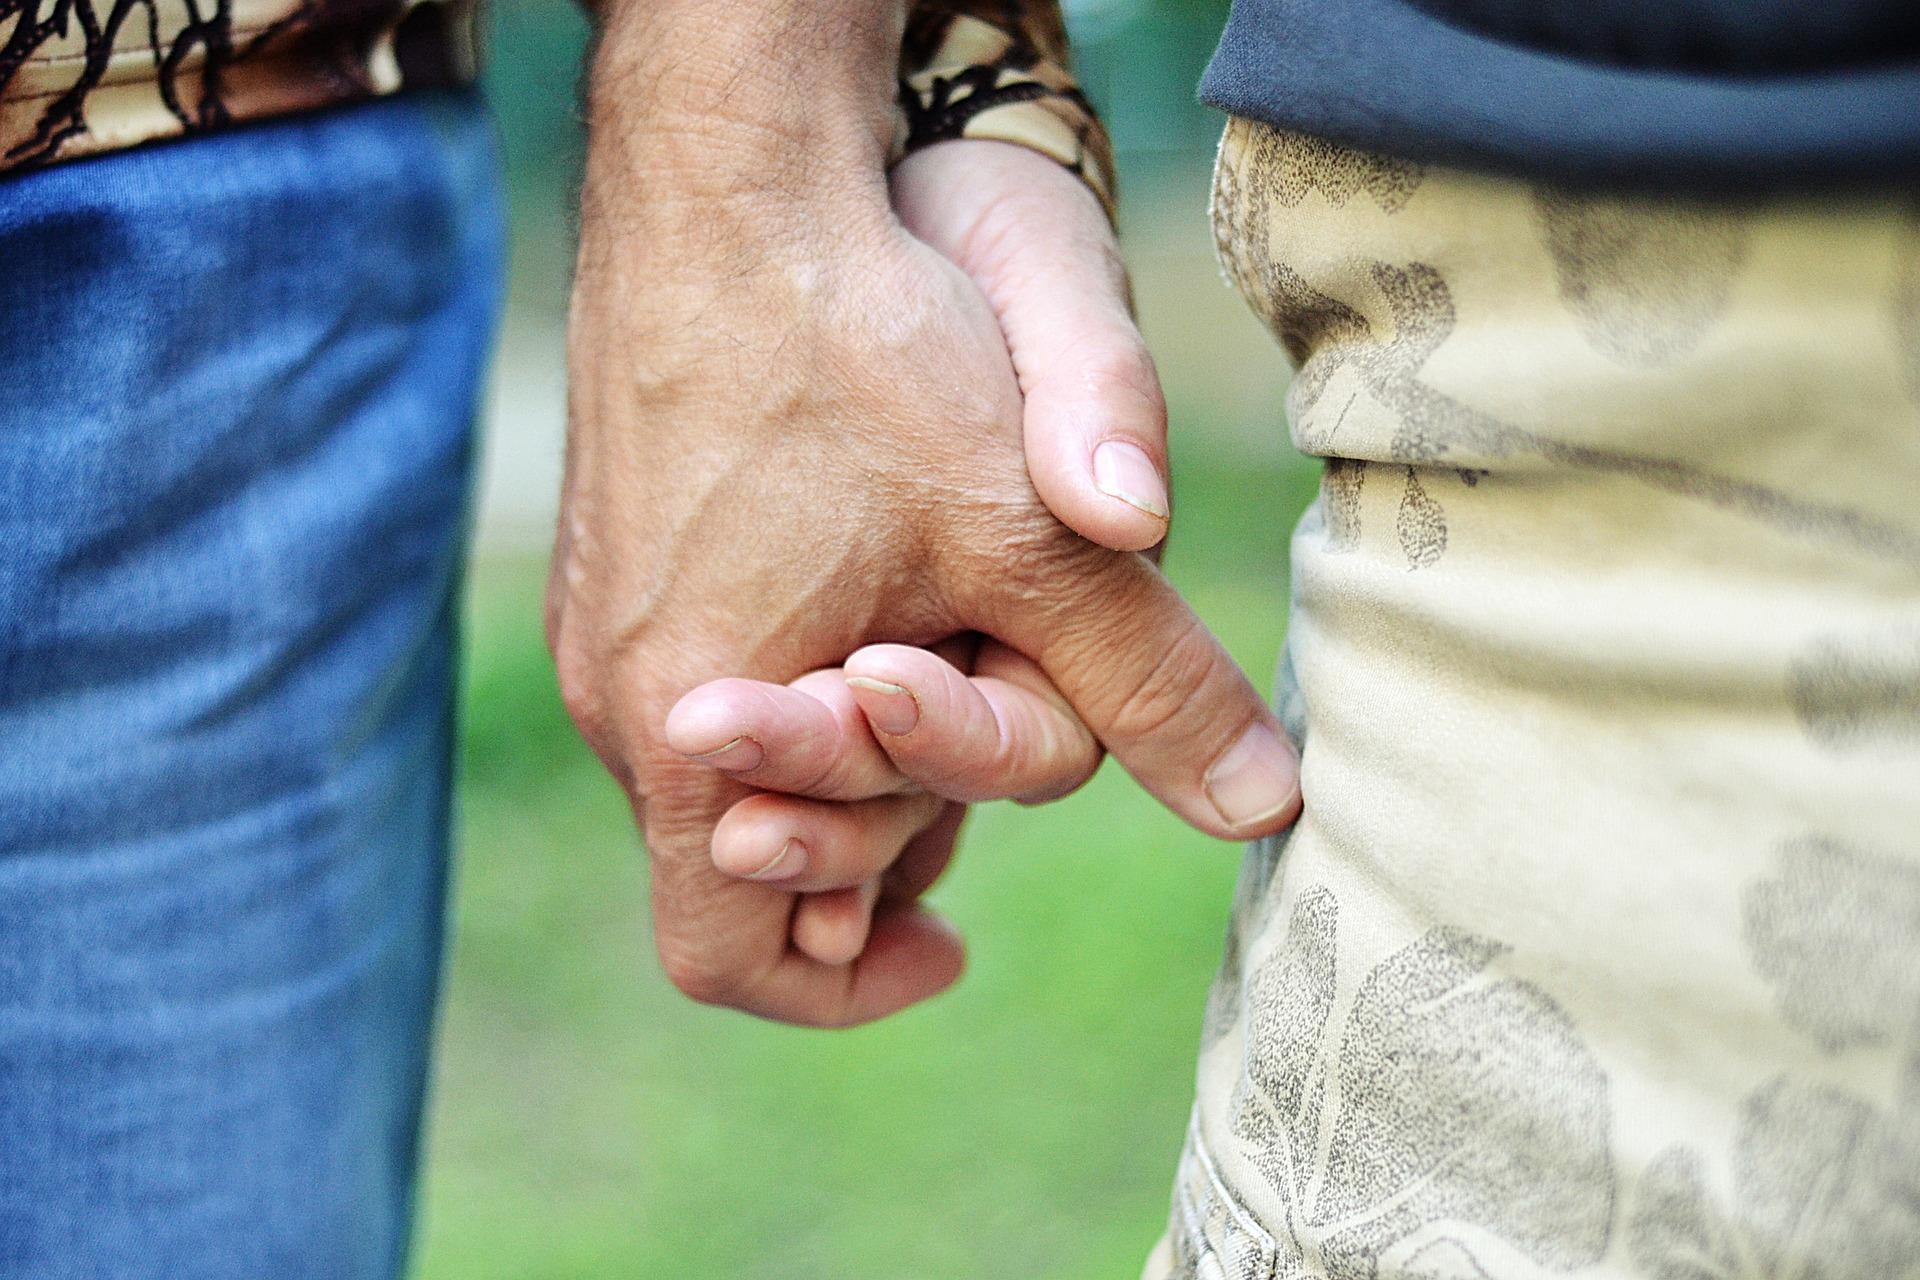 夫婦だって復縁できる!離婚・別居を乗り越えてラブラブカップルへ…リアル復縁体験談